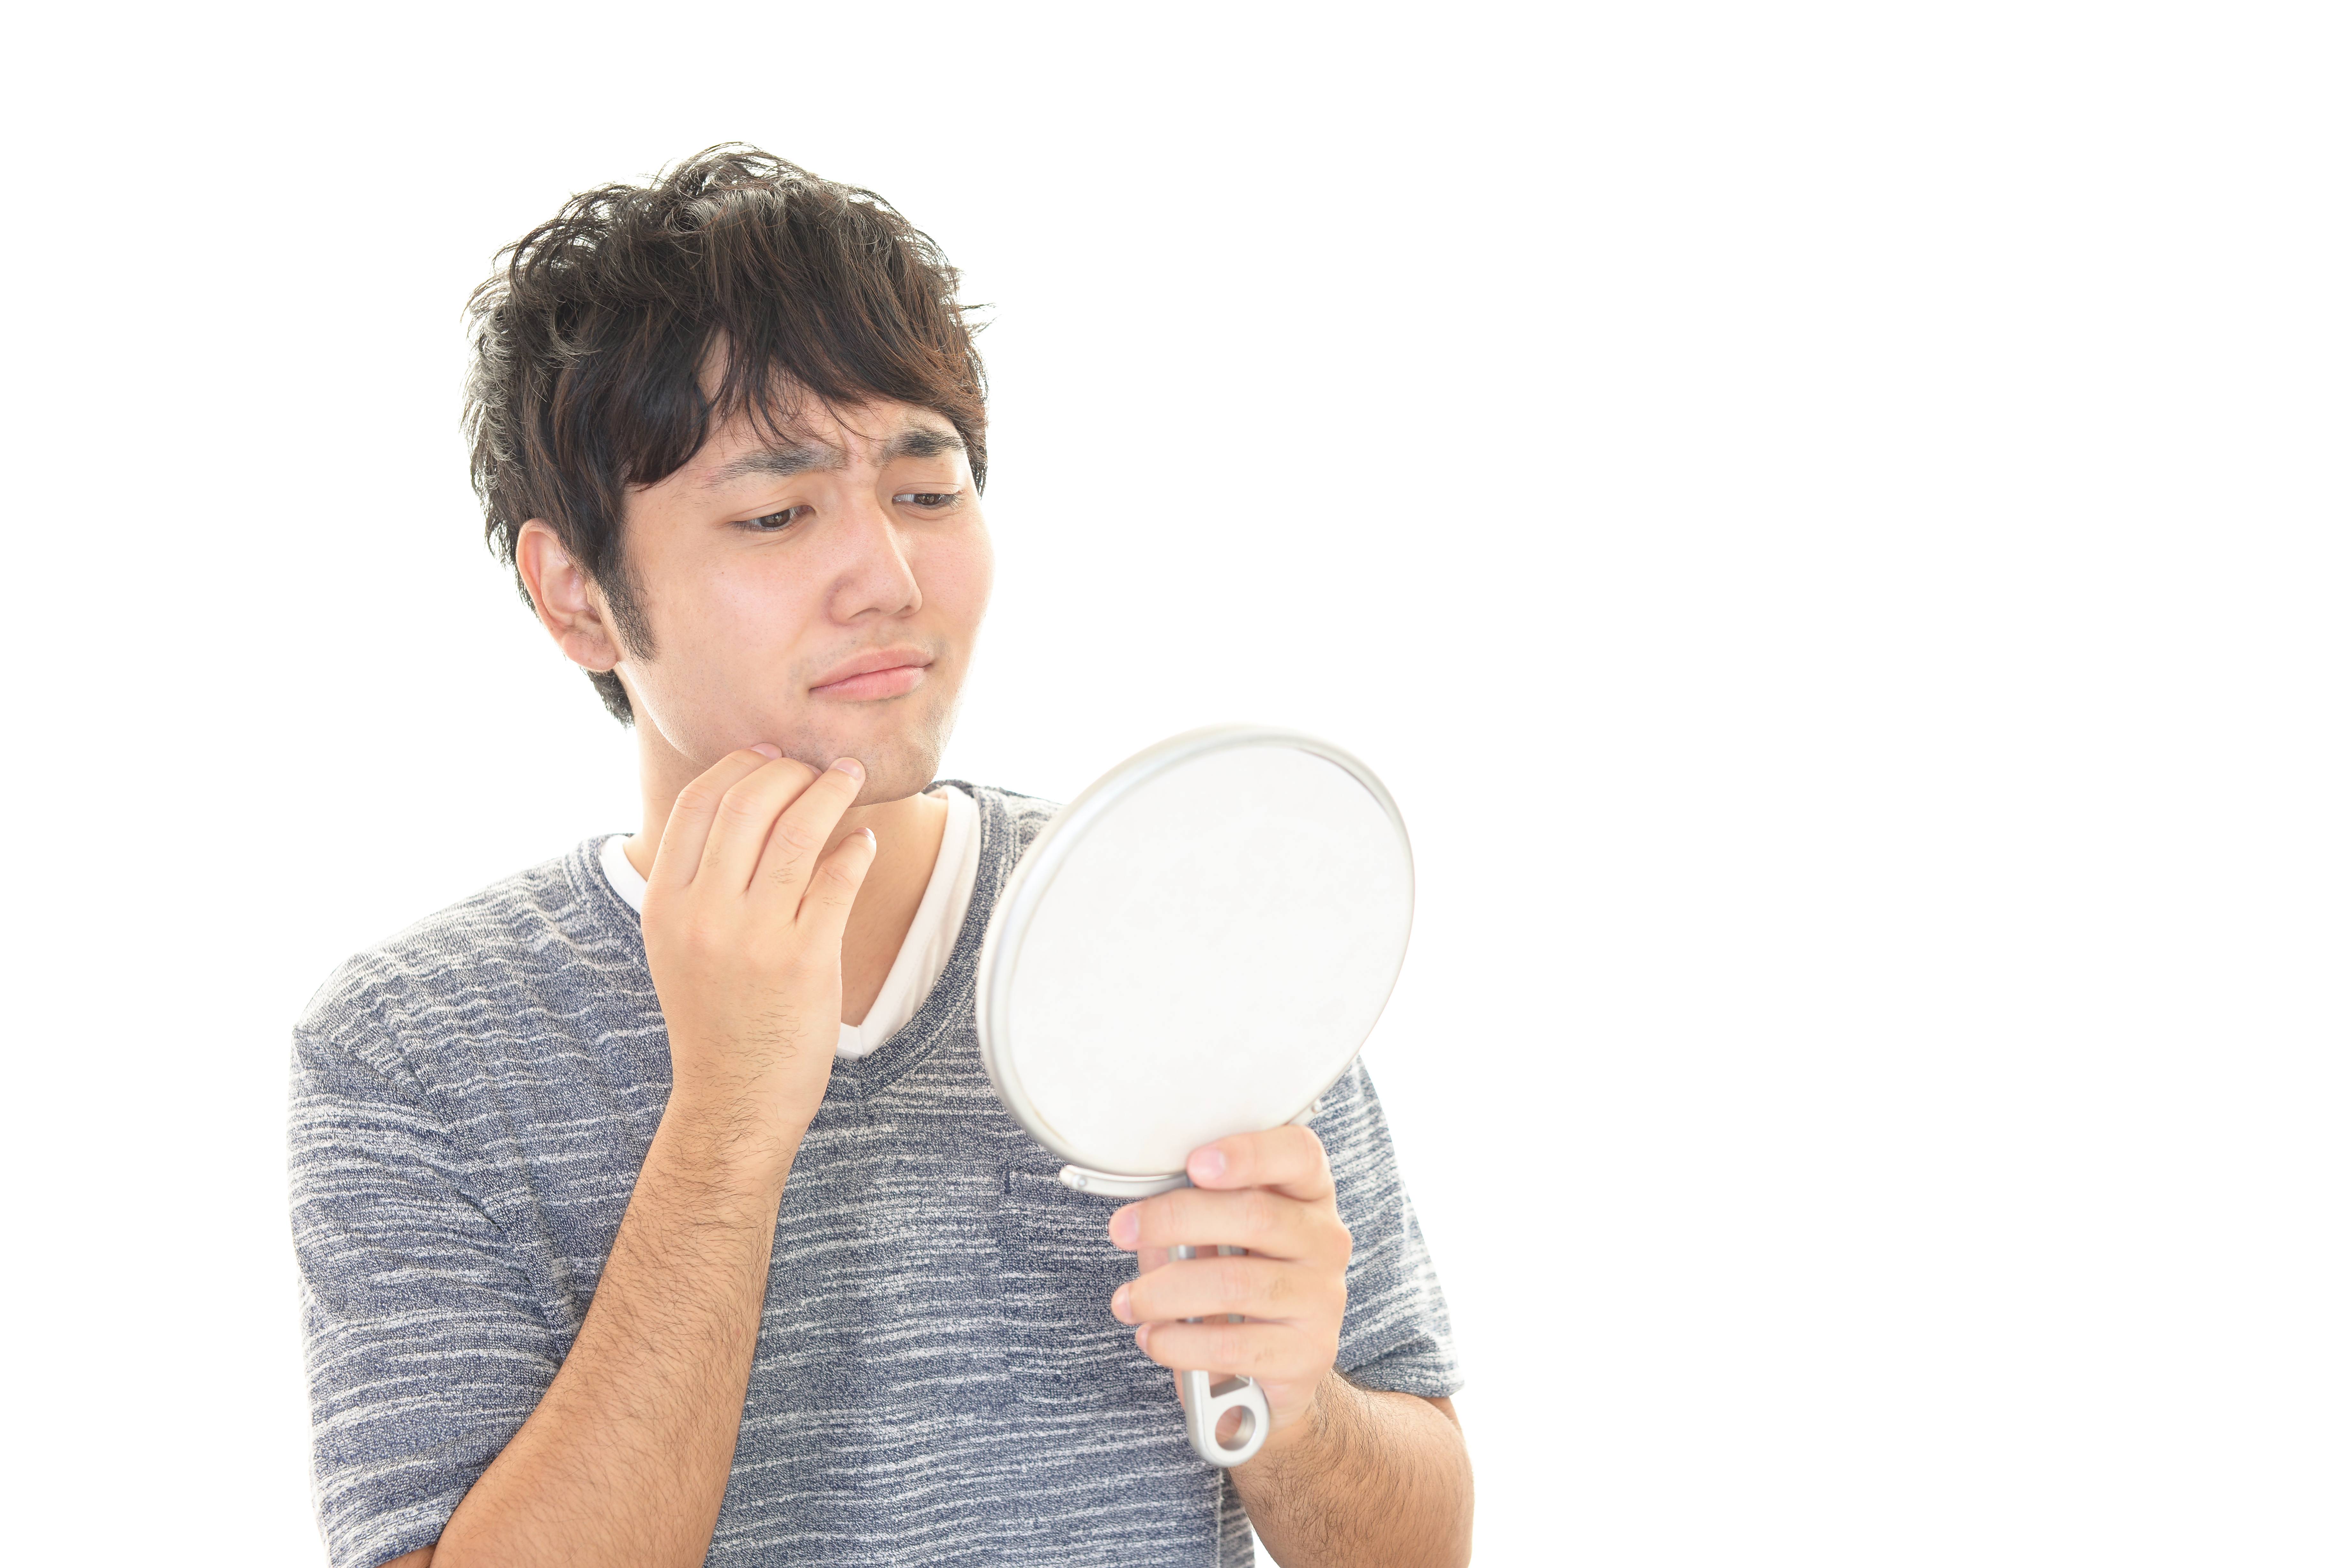 髭剃り 肌荒れ 対策